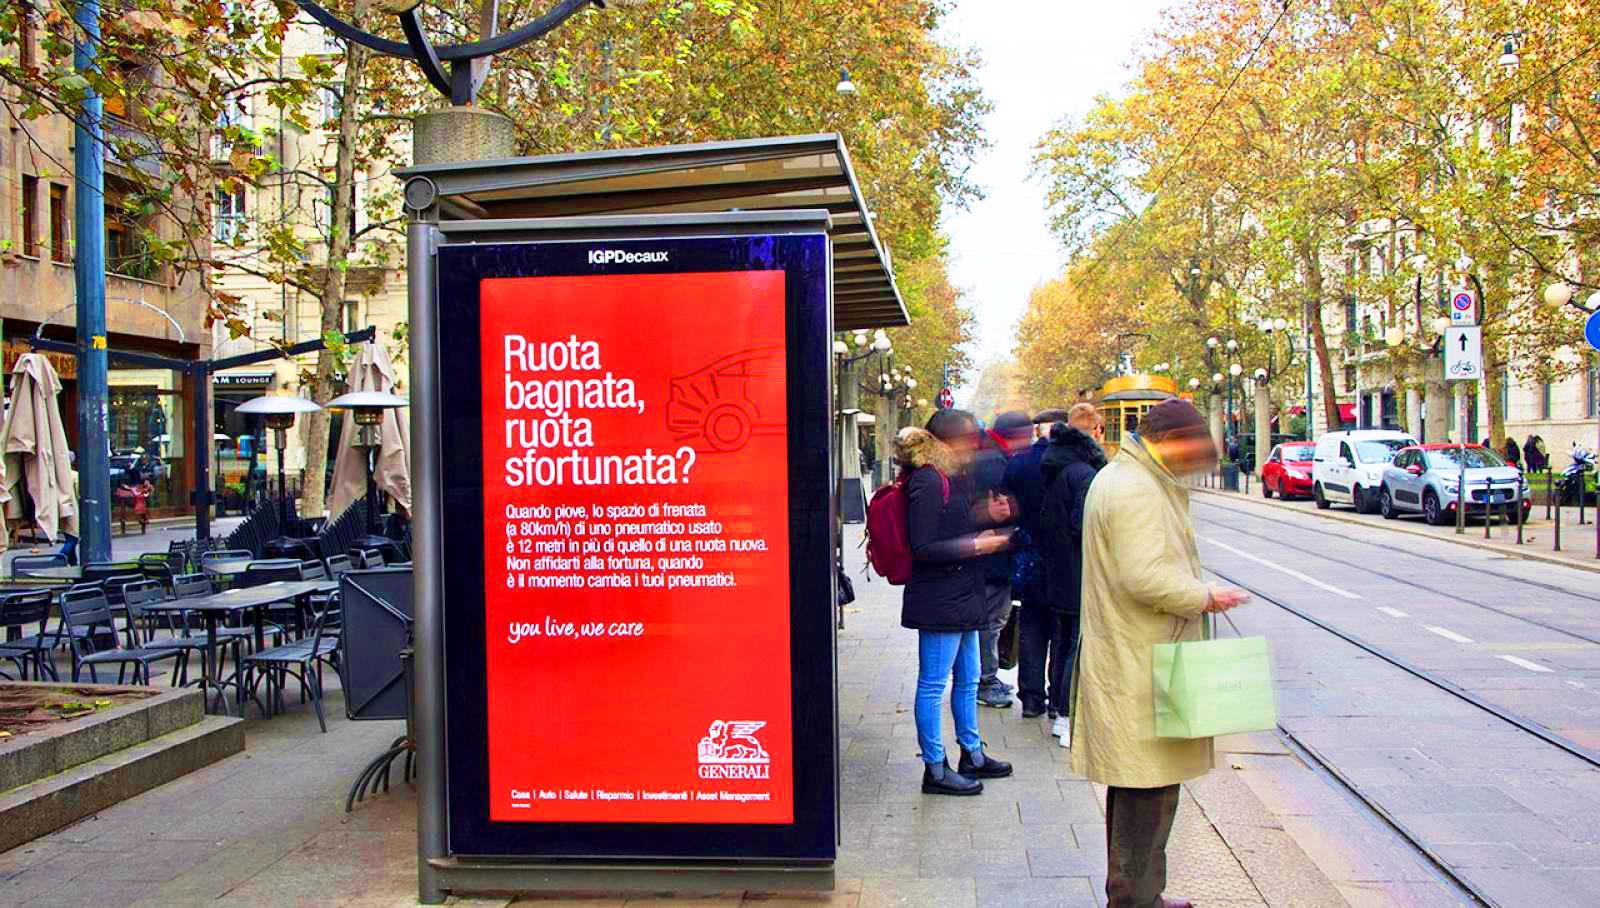 Pubblicità sulle pensiline IGPDecaux pensiline digitali per Generali a Milano